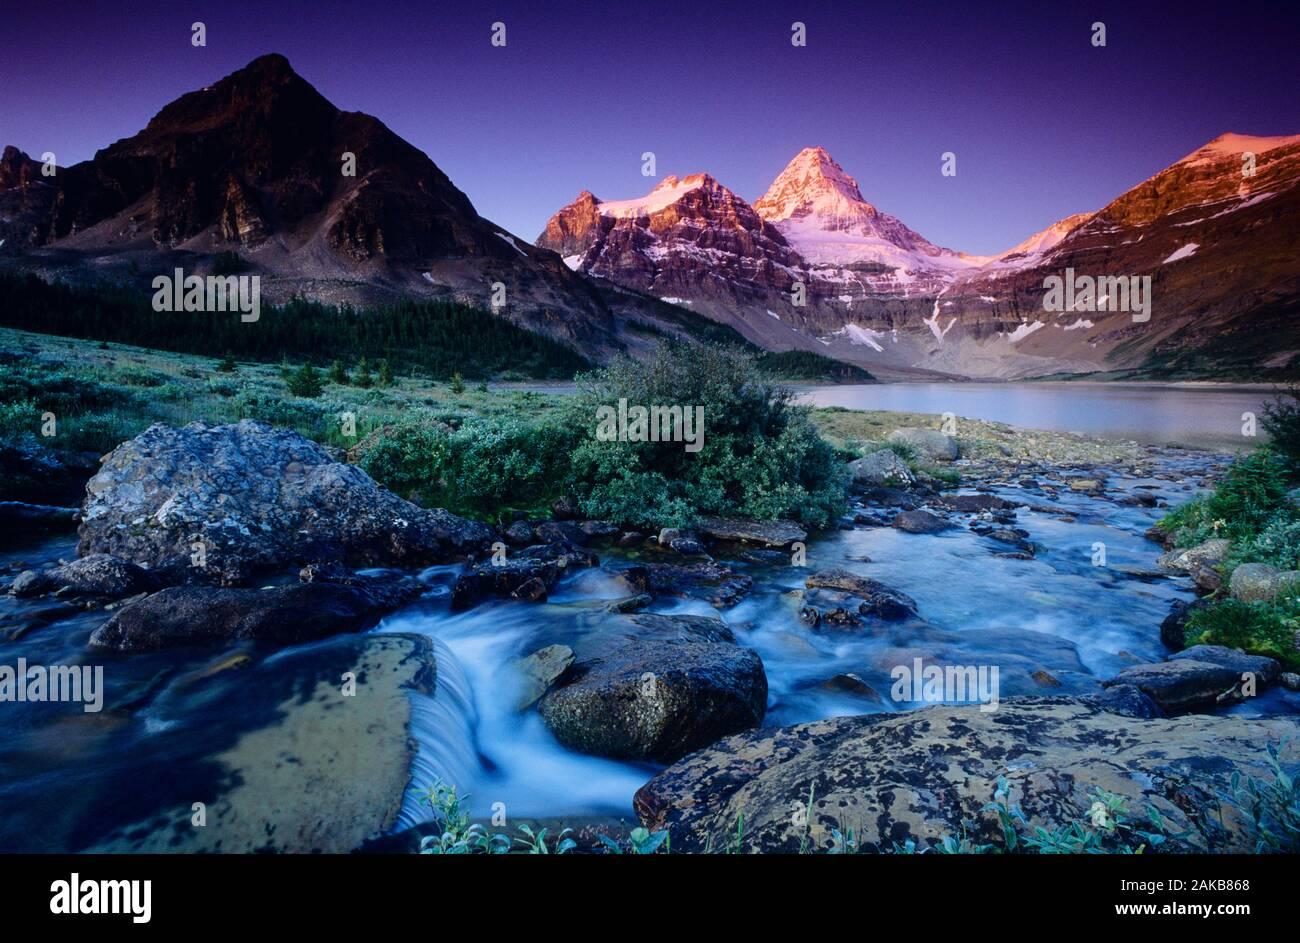 Landschaft mit See und Bergen, Mt. Assiniboine Provincial Park, British Columbia, Kanada Stockfoto